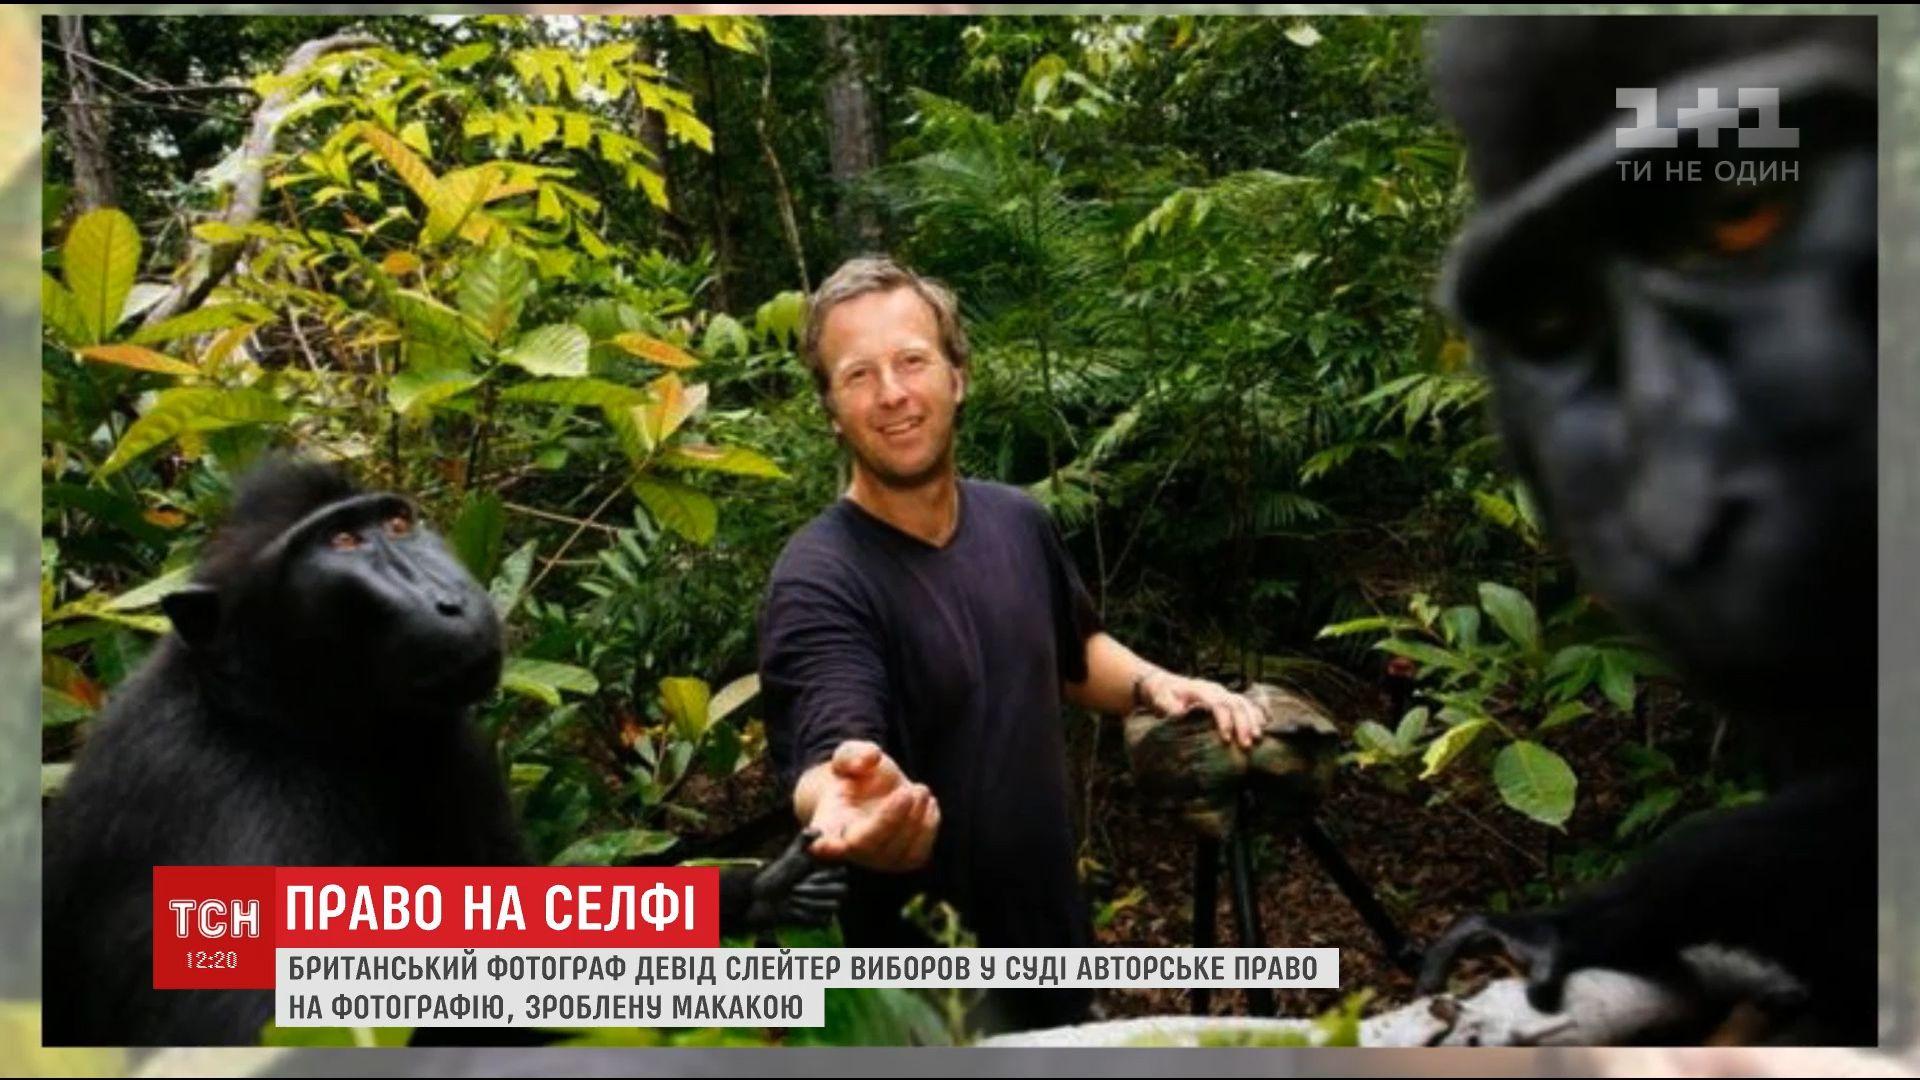 Фотограф доказал свое право на фото, сделанное животным / Кадр из видео ТСН